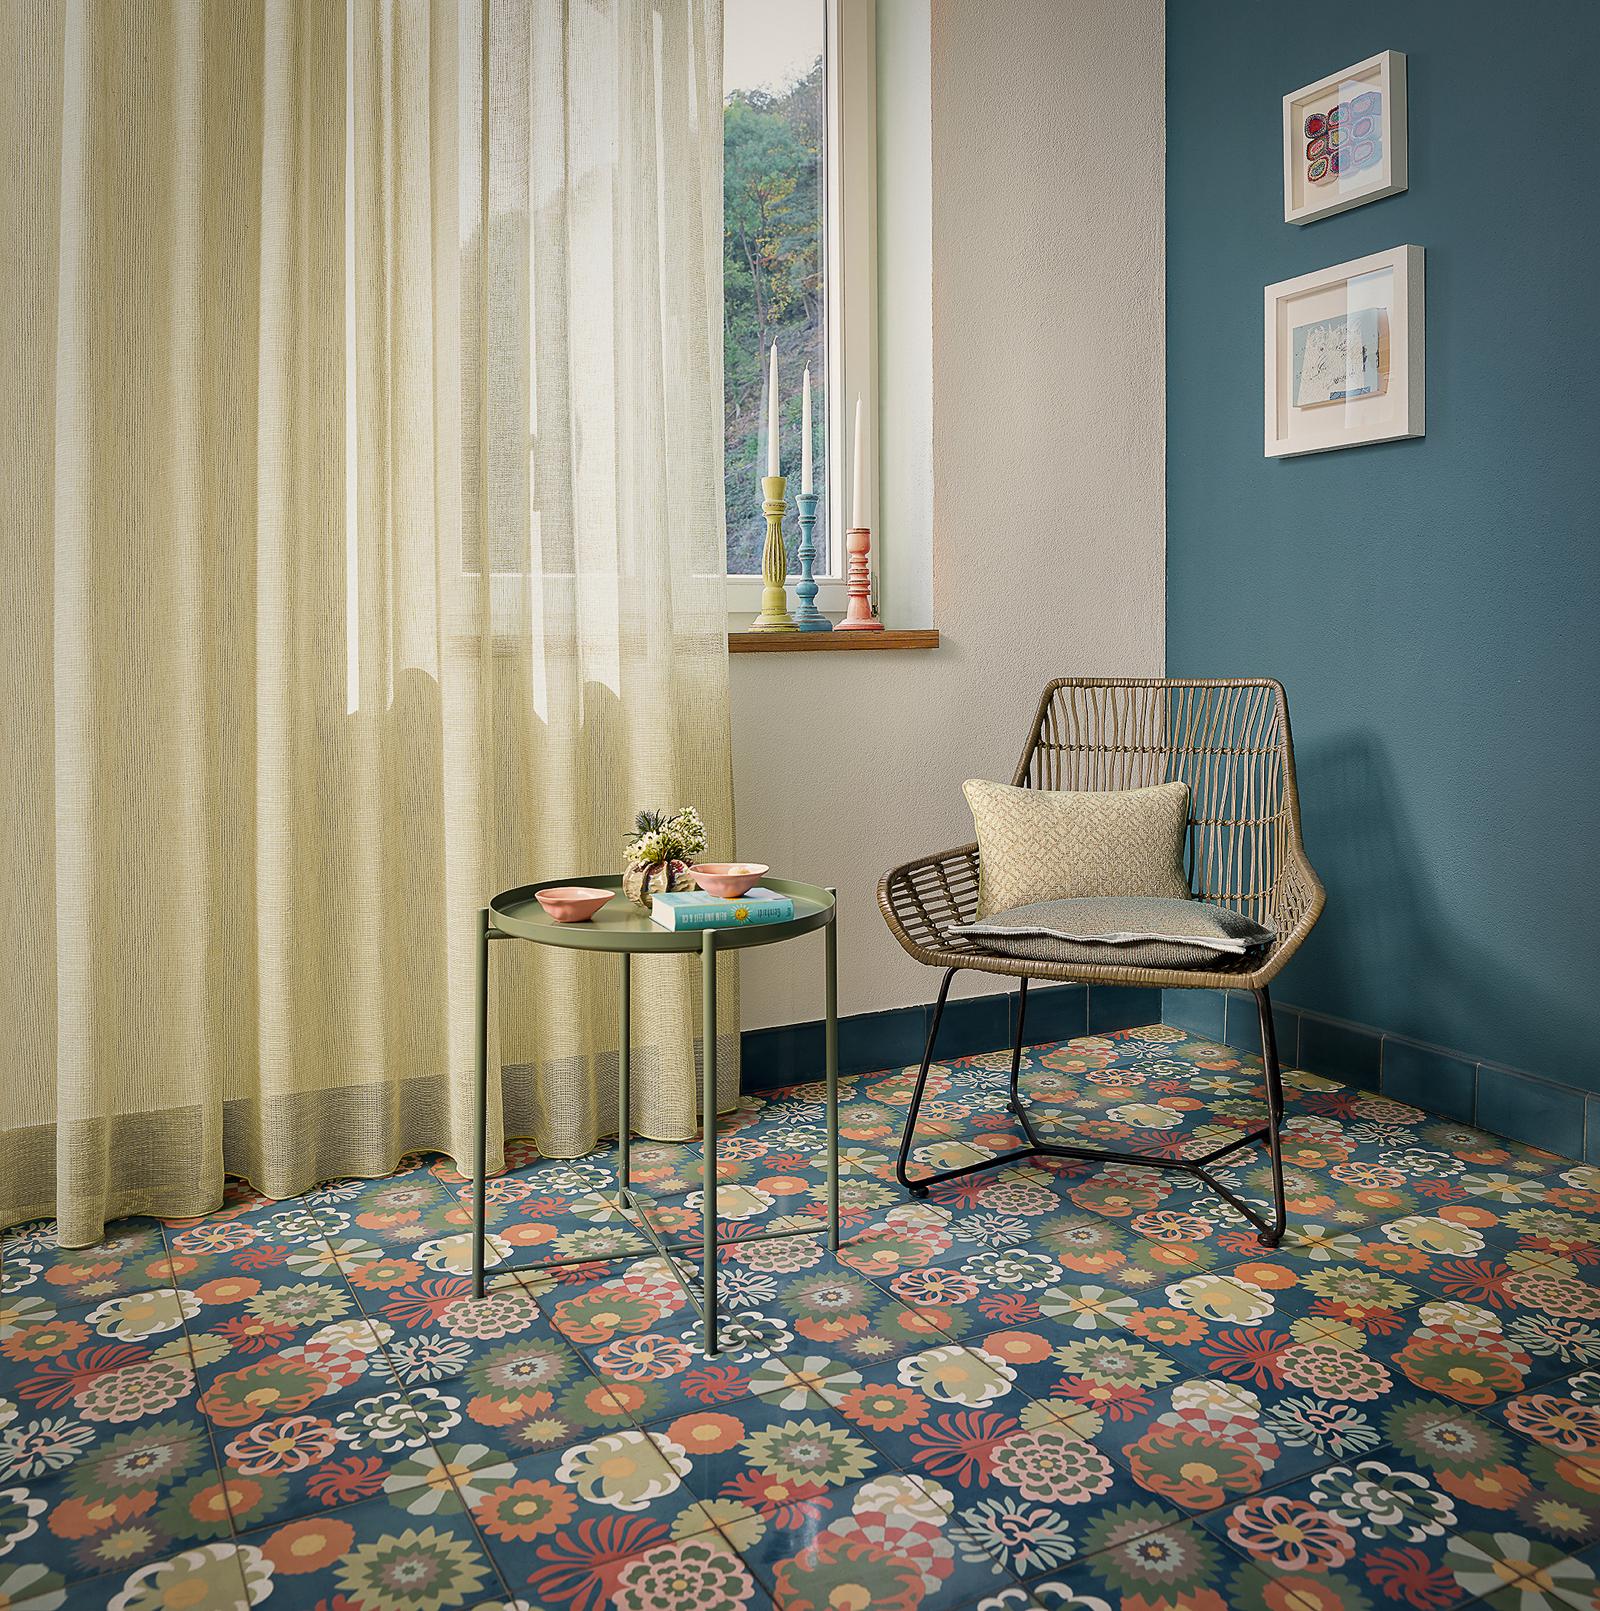 Zementmosaikplatten_nr.51078-blumenwiese-living-viaplatten | 51078